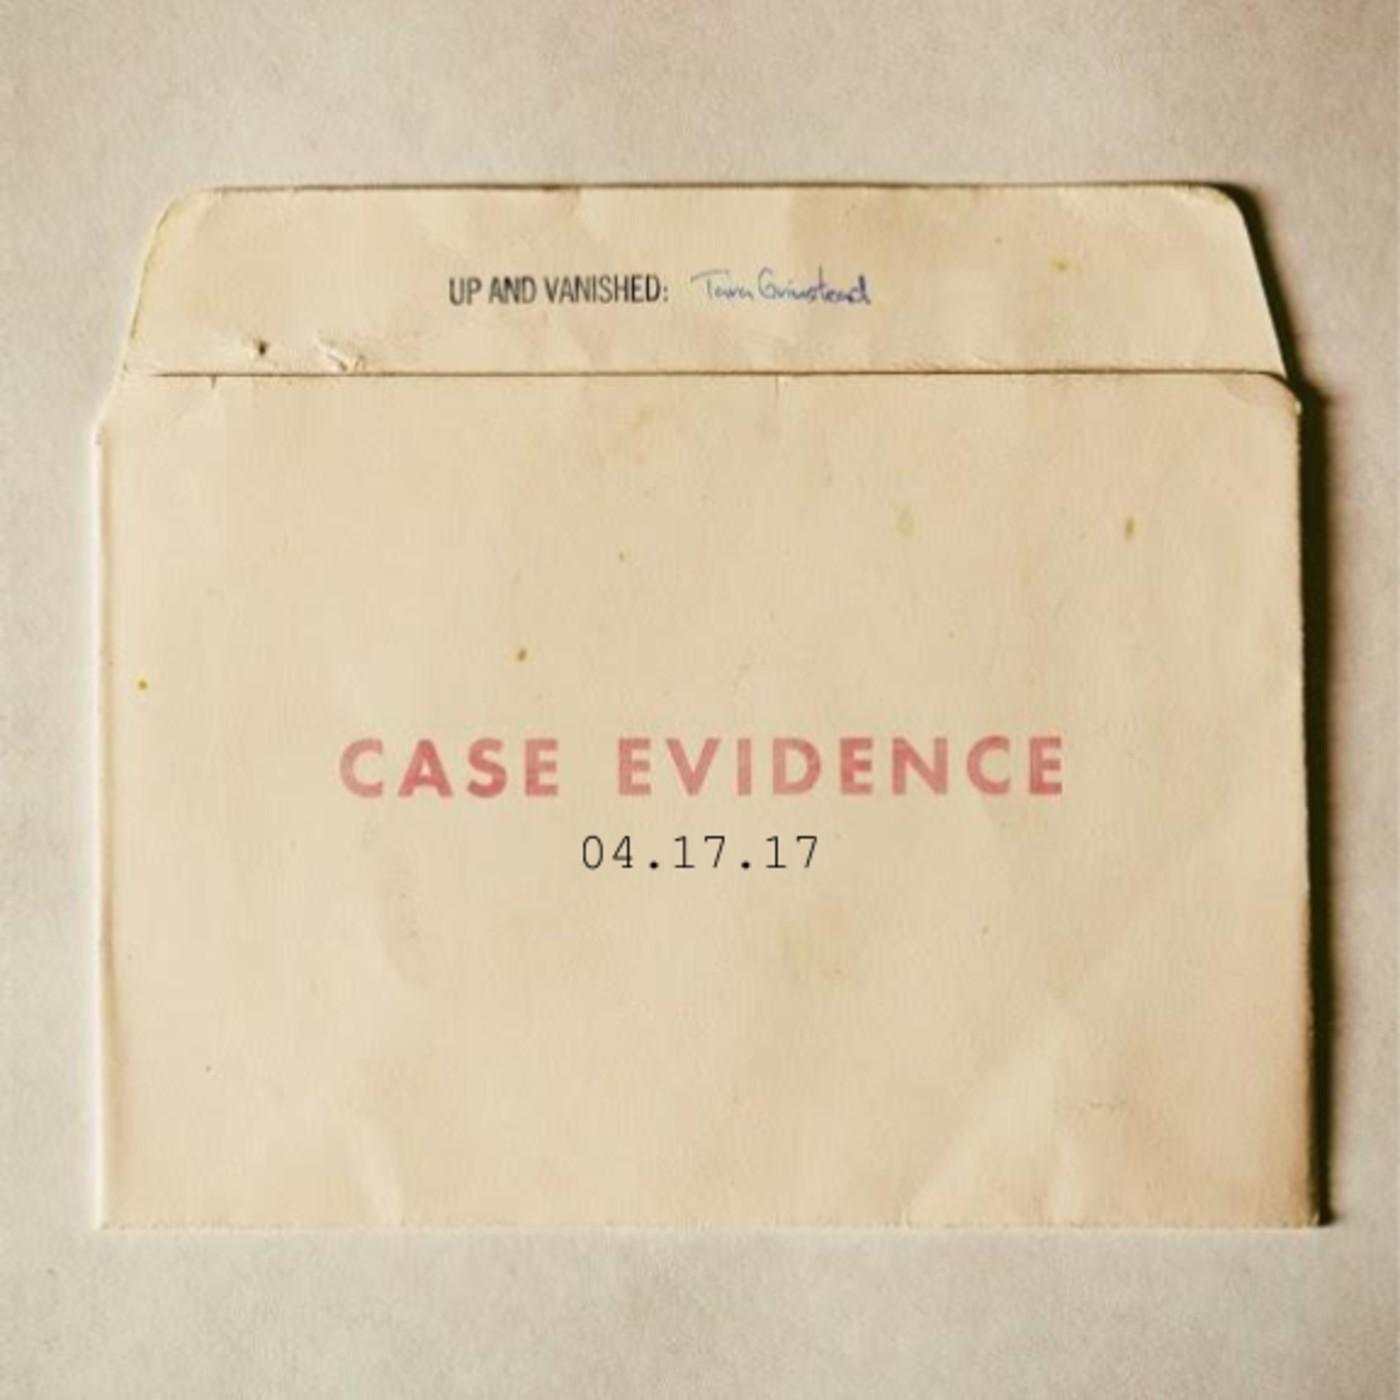 S1E : Case Evidence 04.17.17